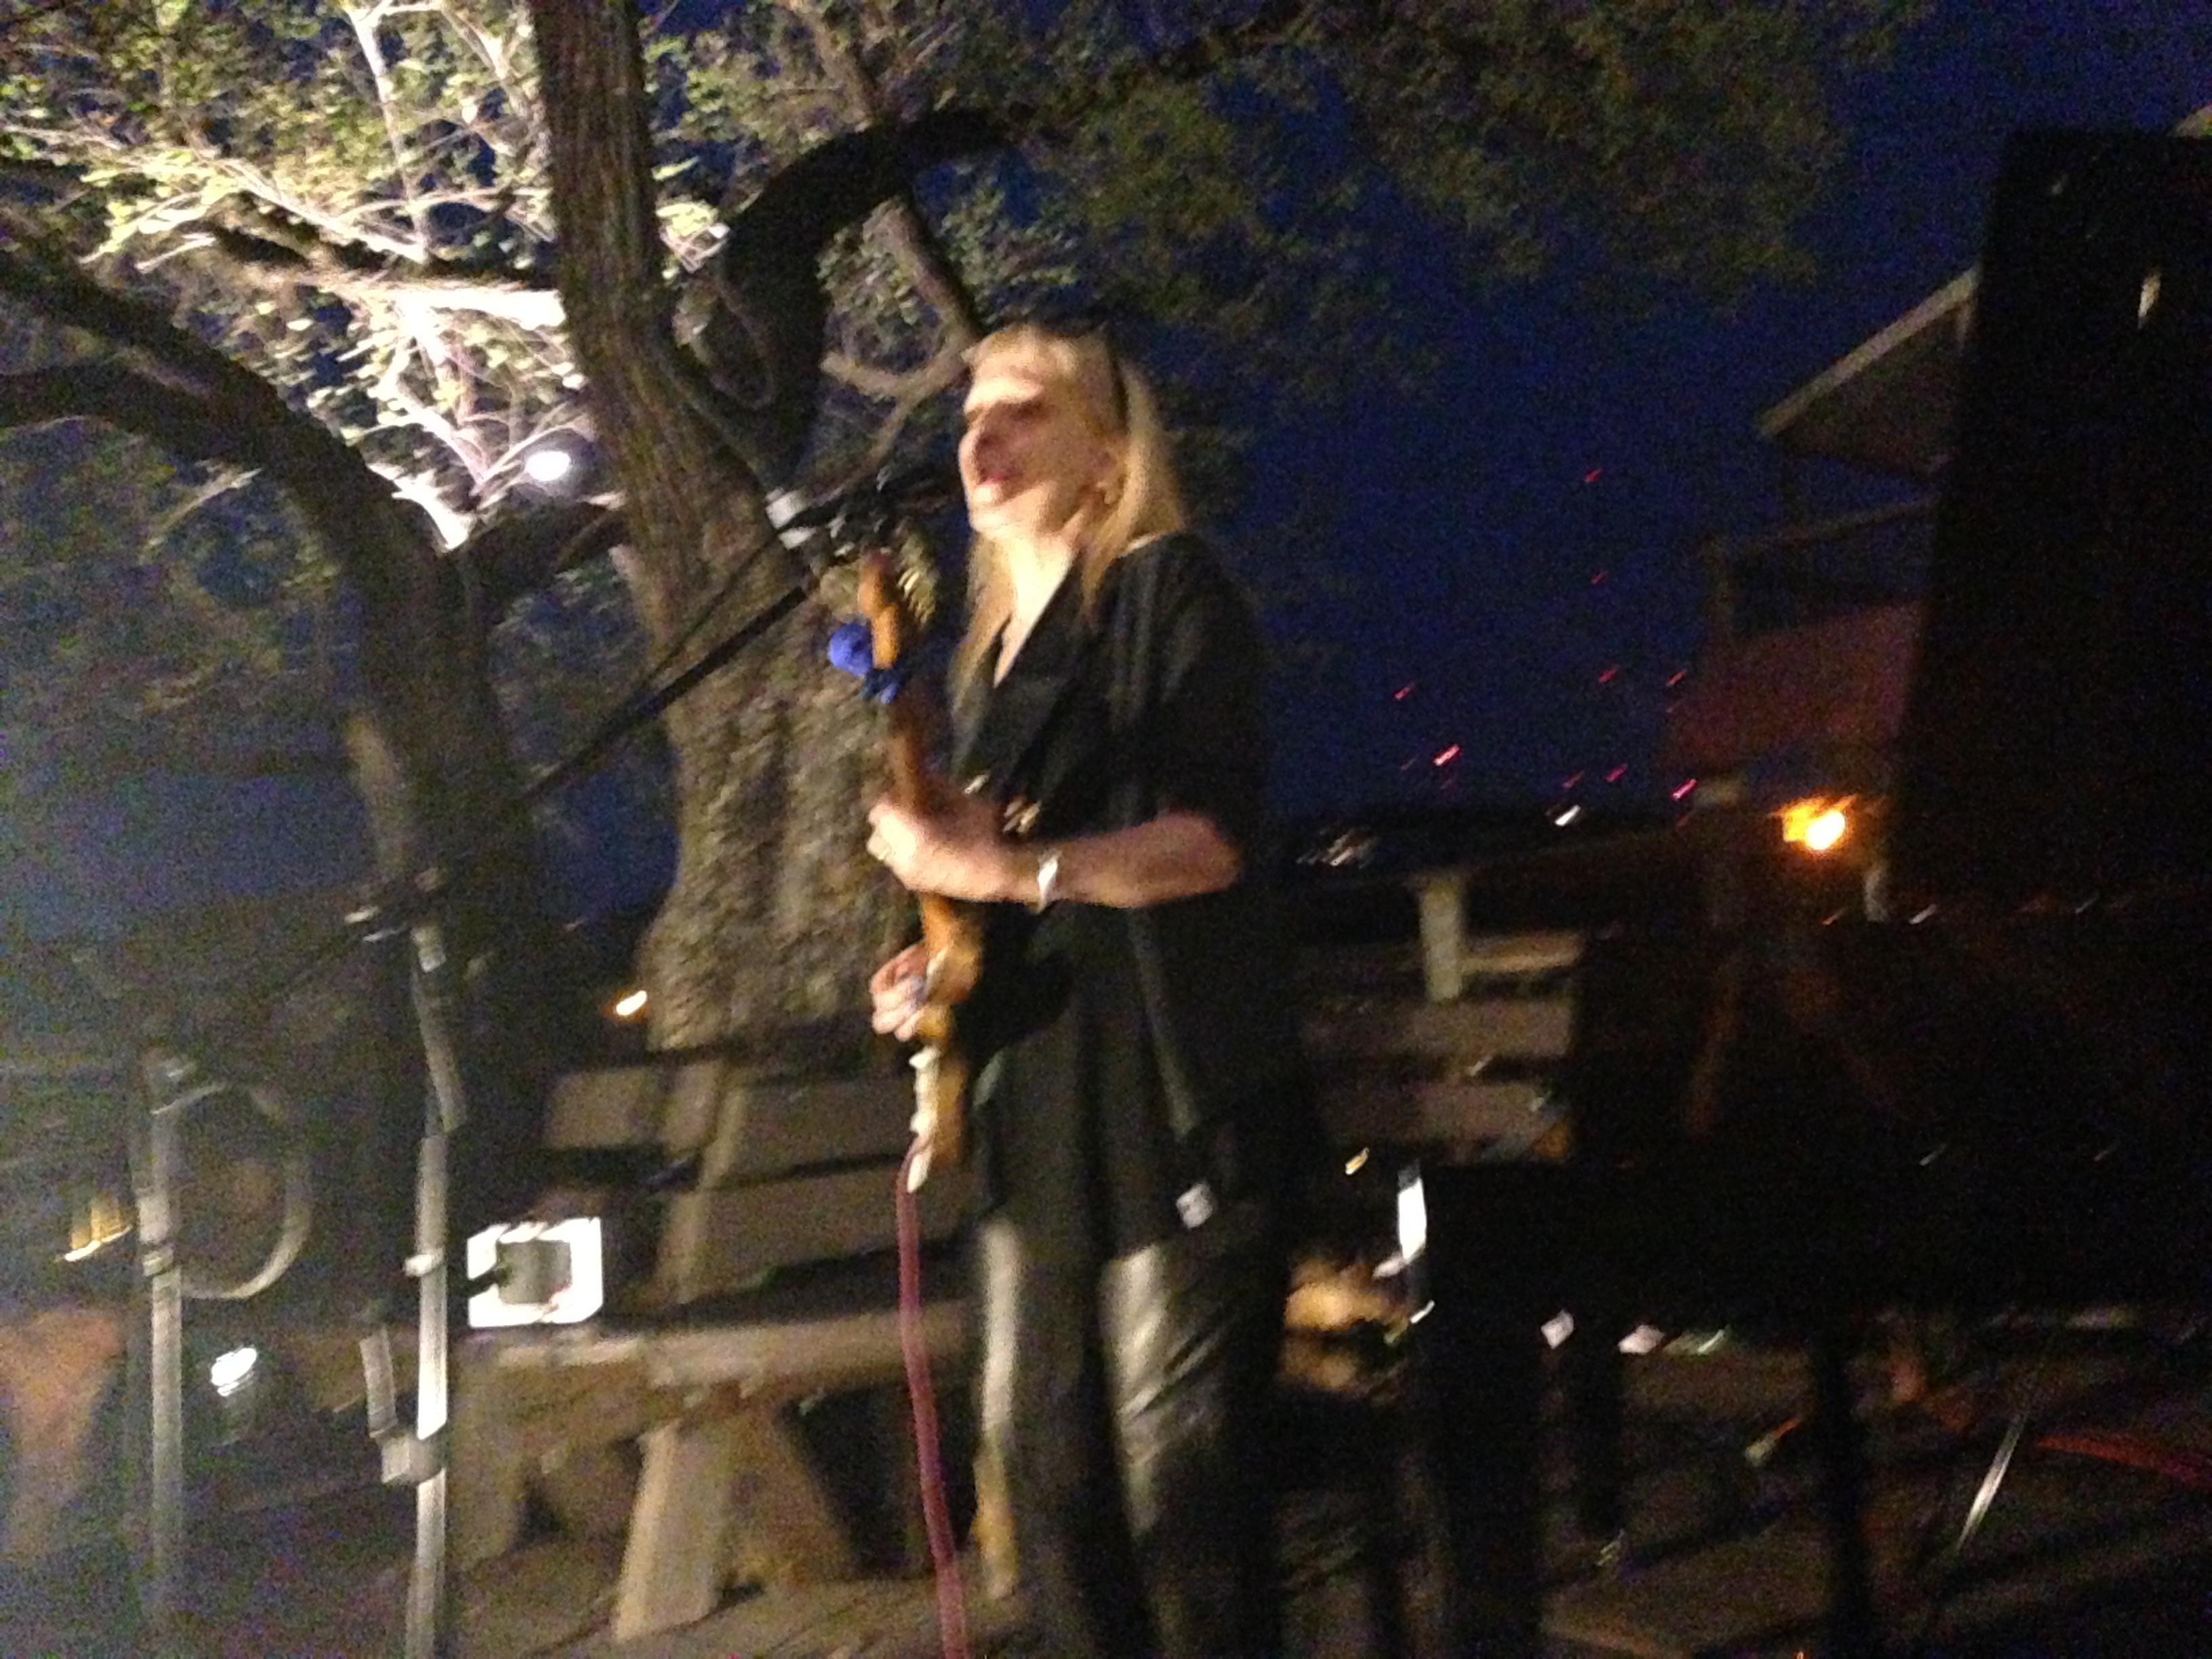 Leni Stern, songwriter